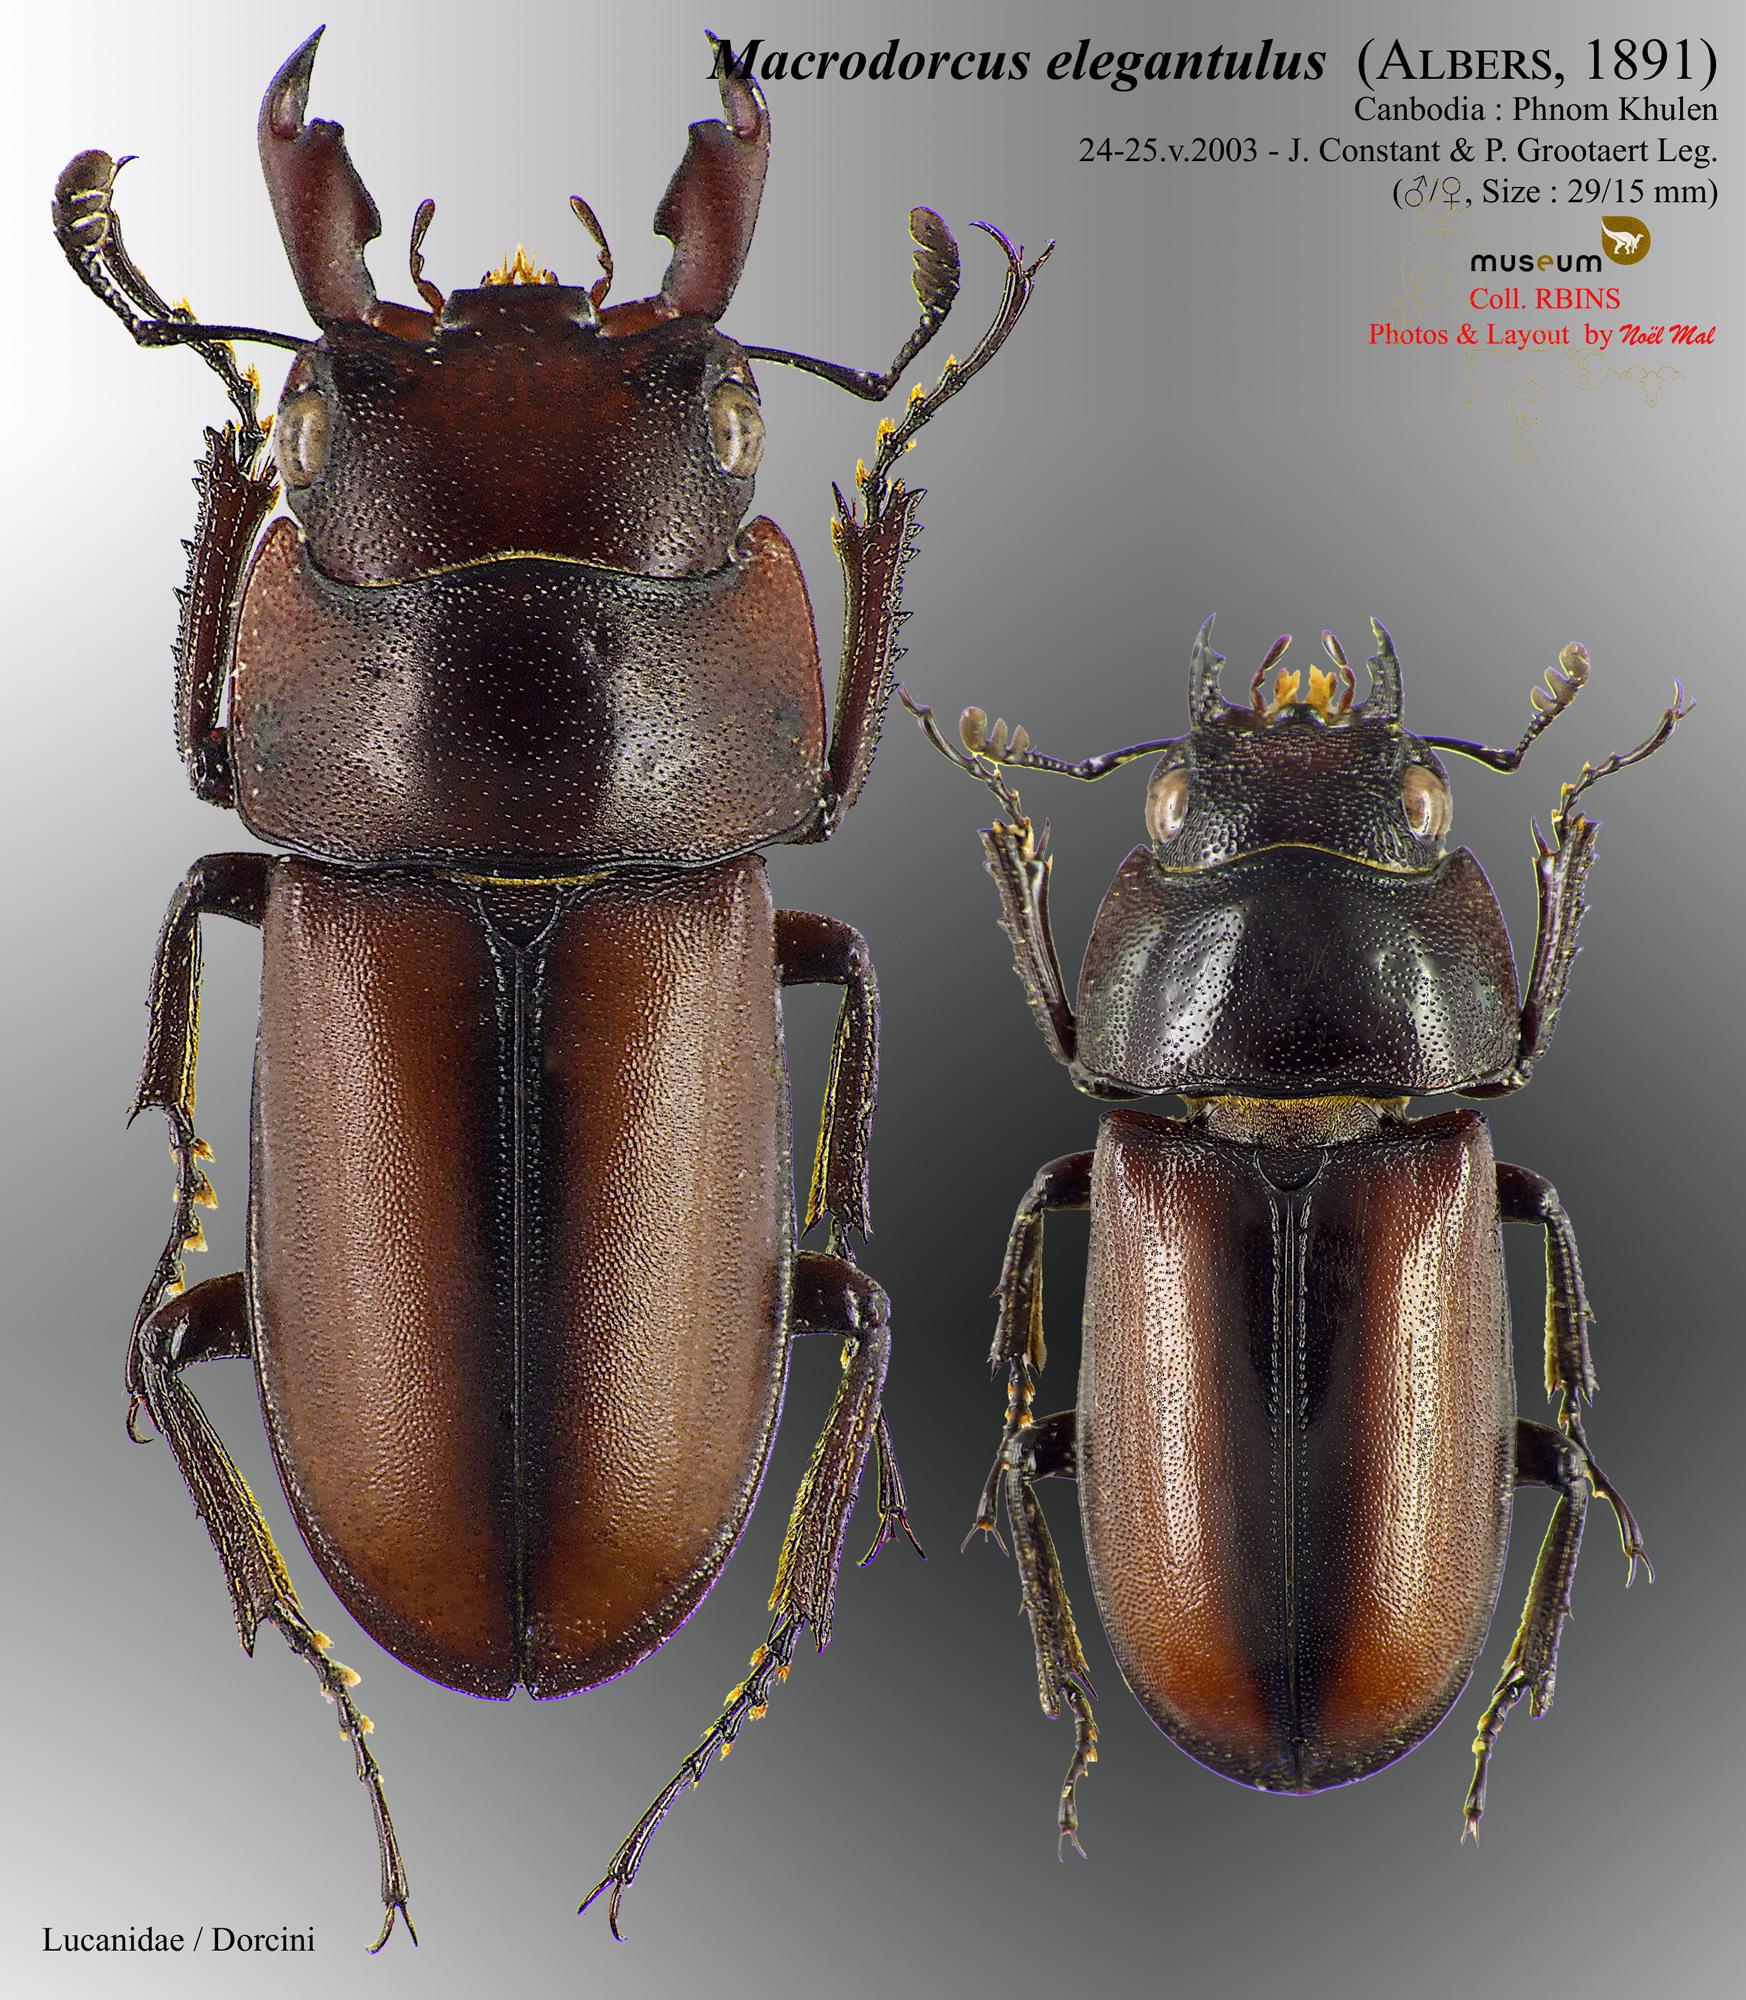 Macrodorcus elegantulus.jpg